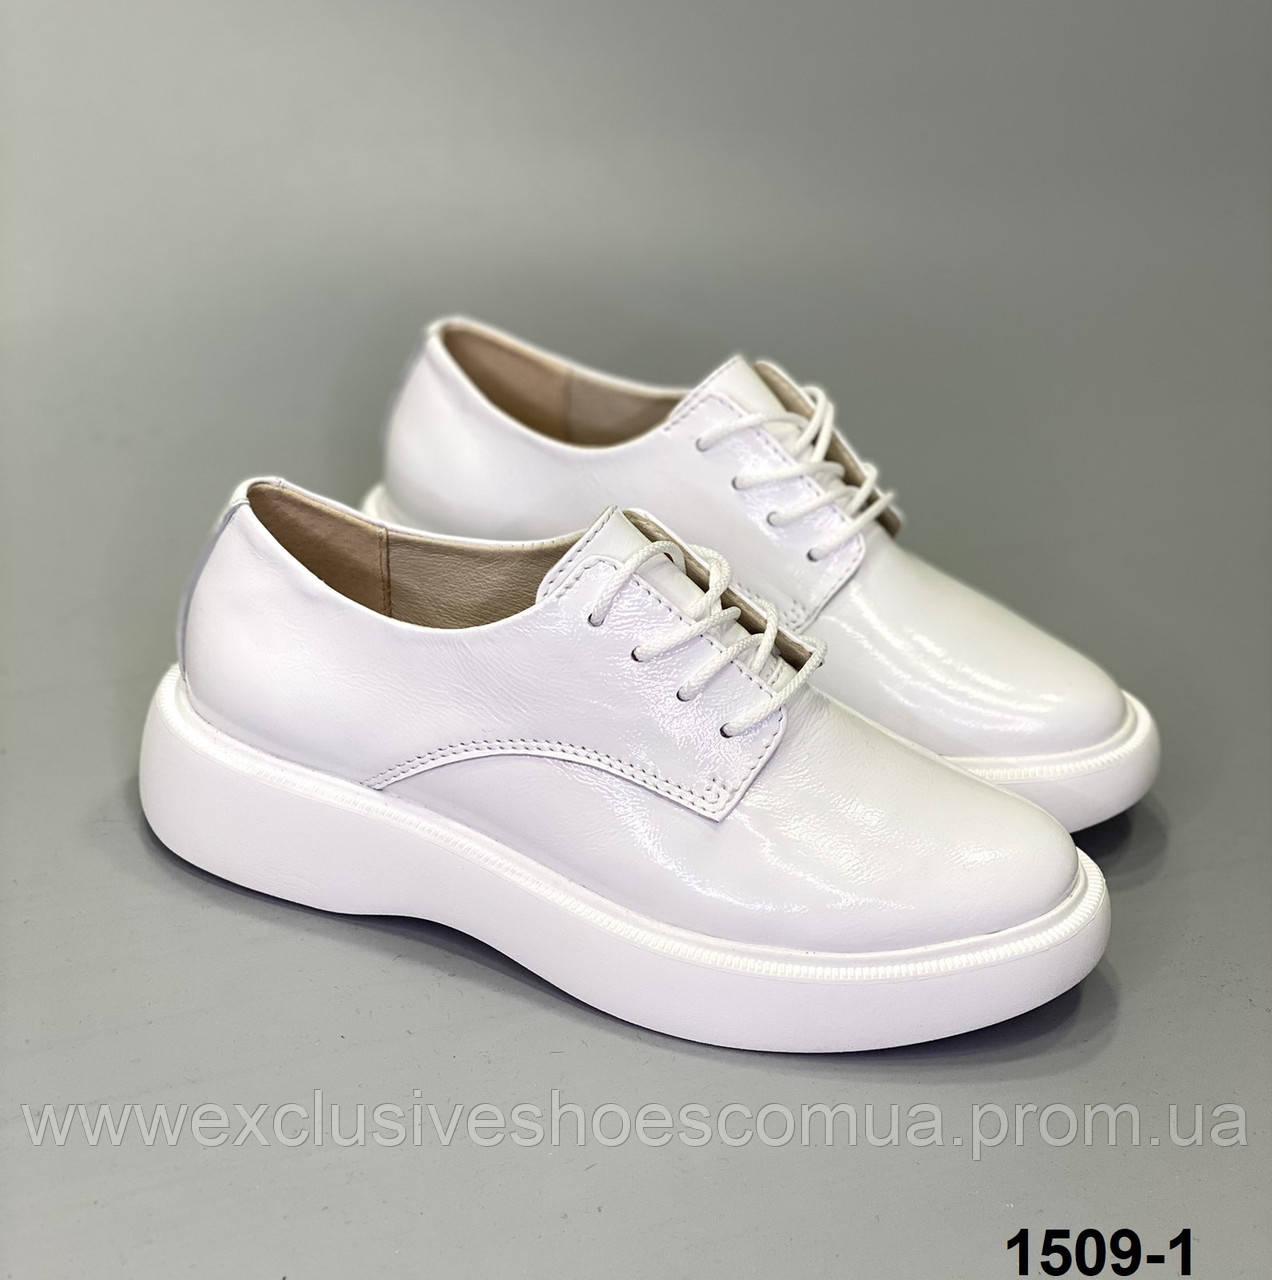 Туфлі жіночі шкіряні білі на шнурівці